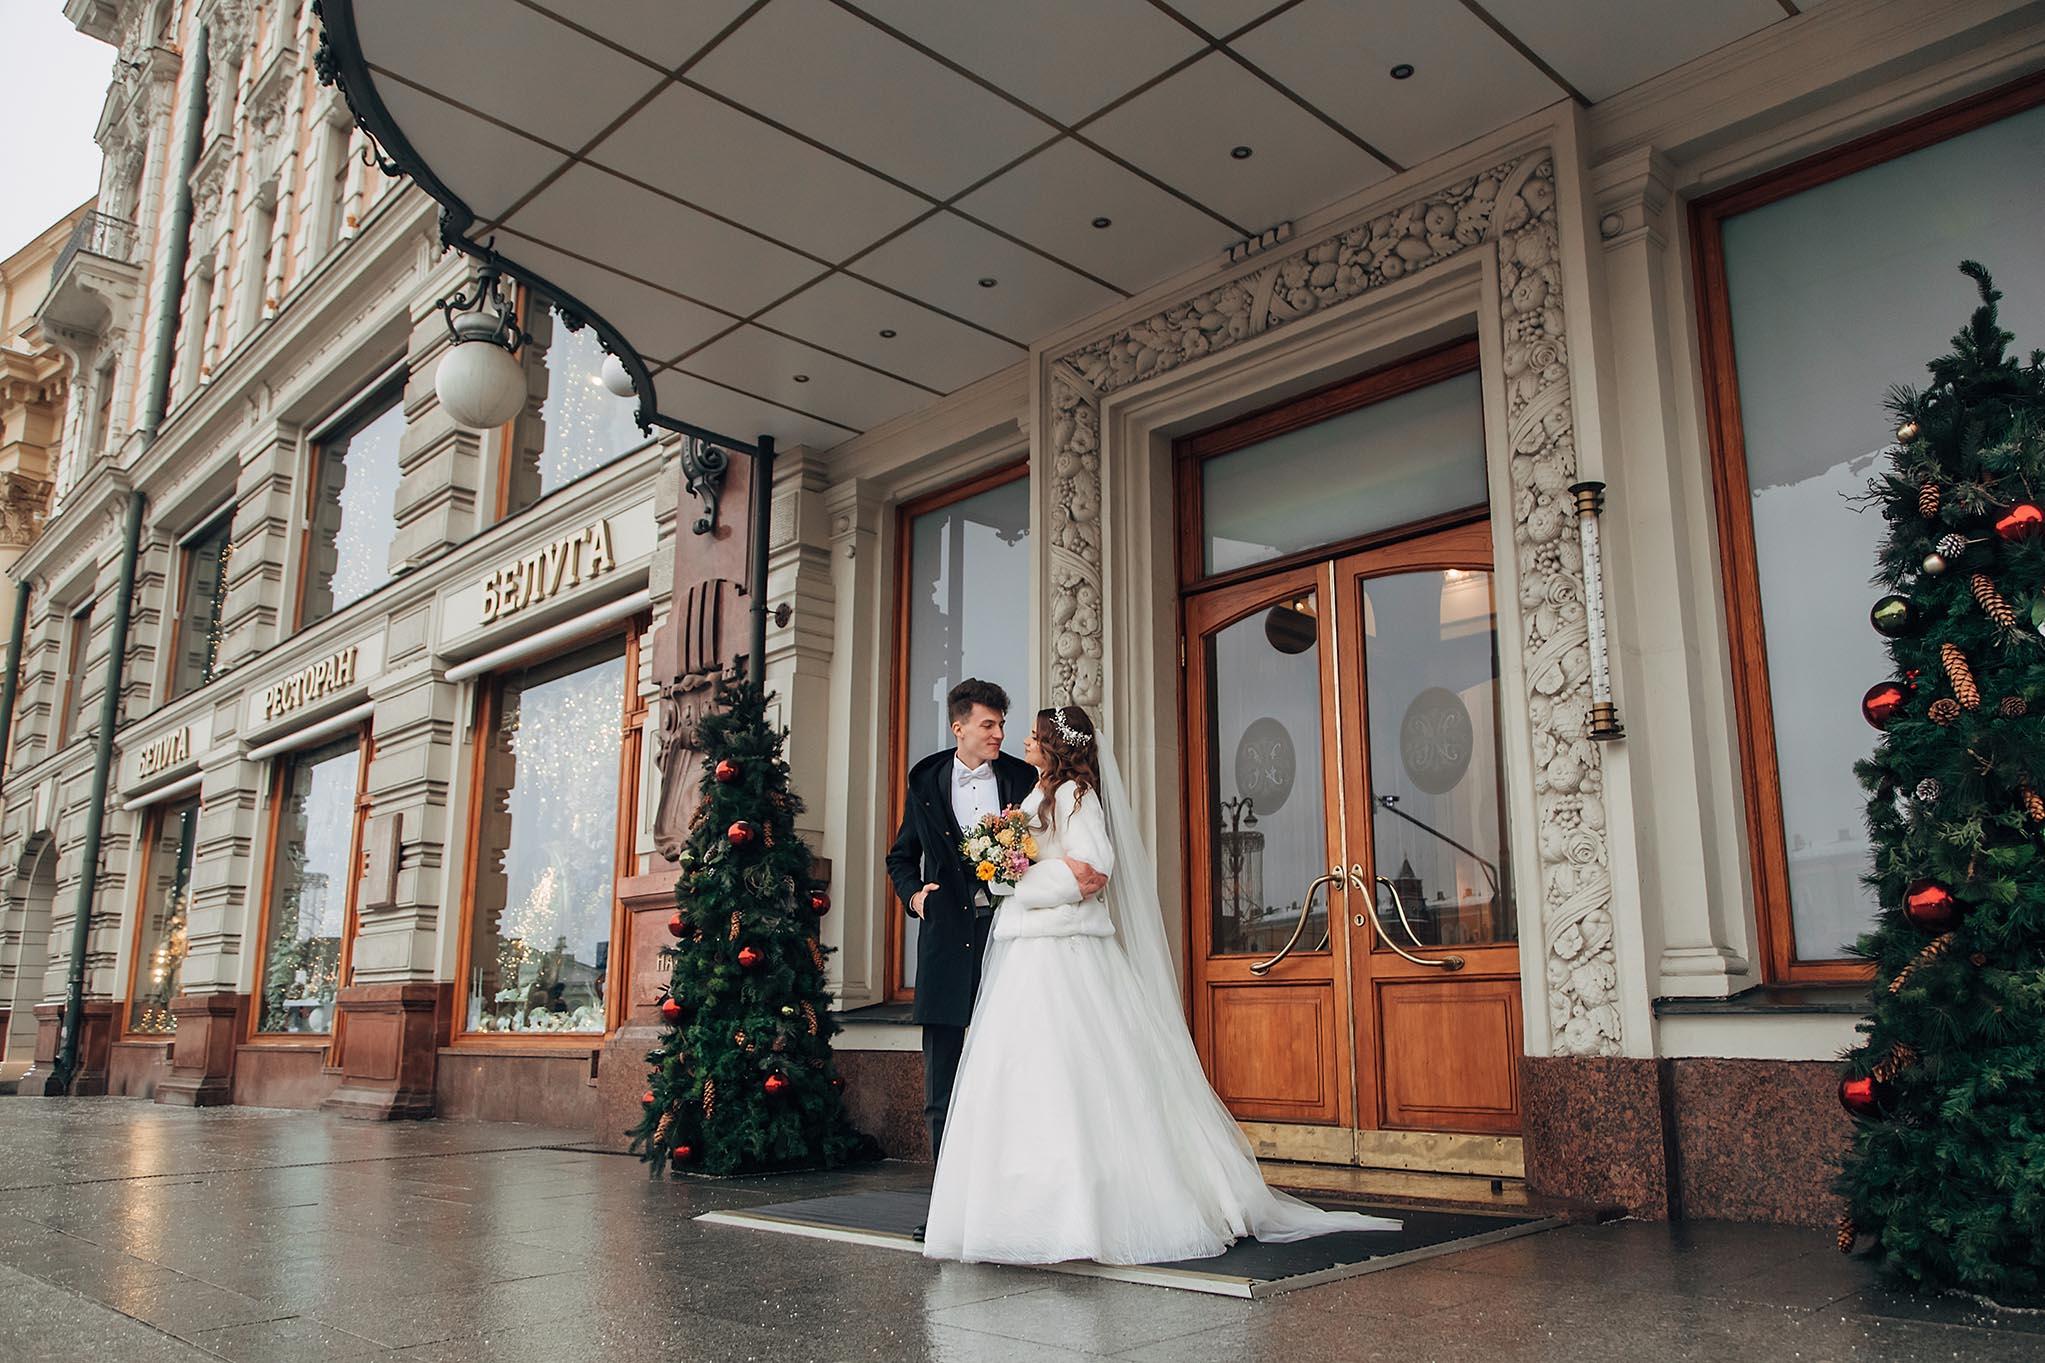 Отель Националь Москва фотосессия свадьбы